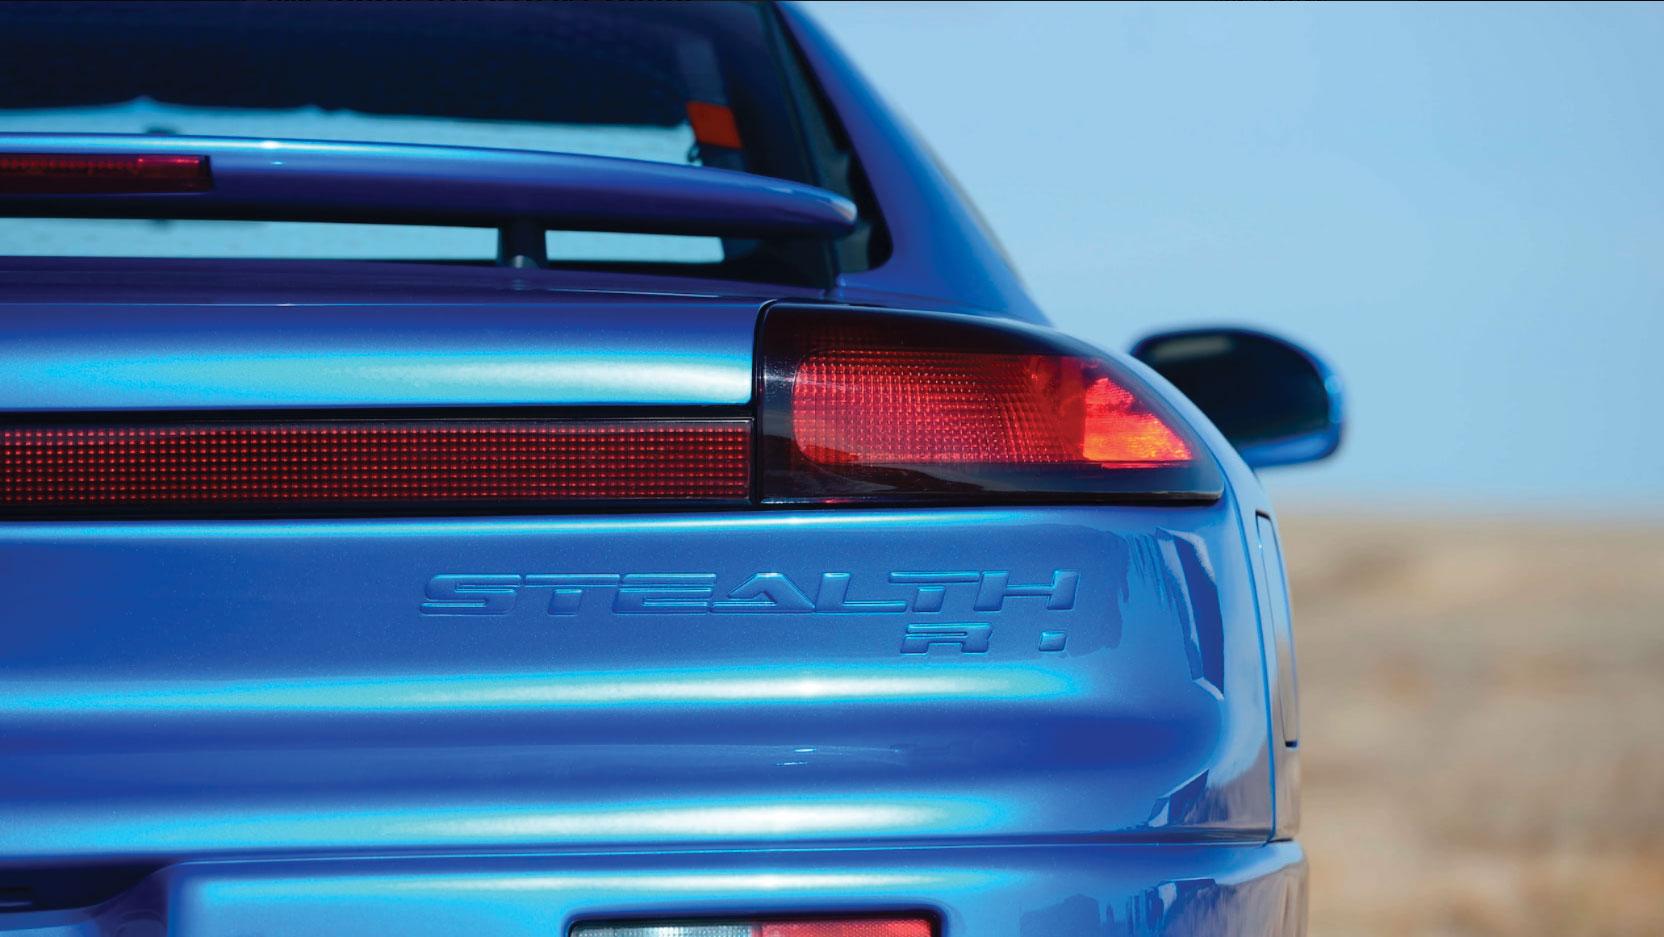 Dodge Stealth badge